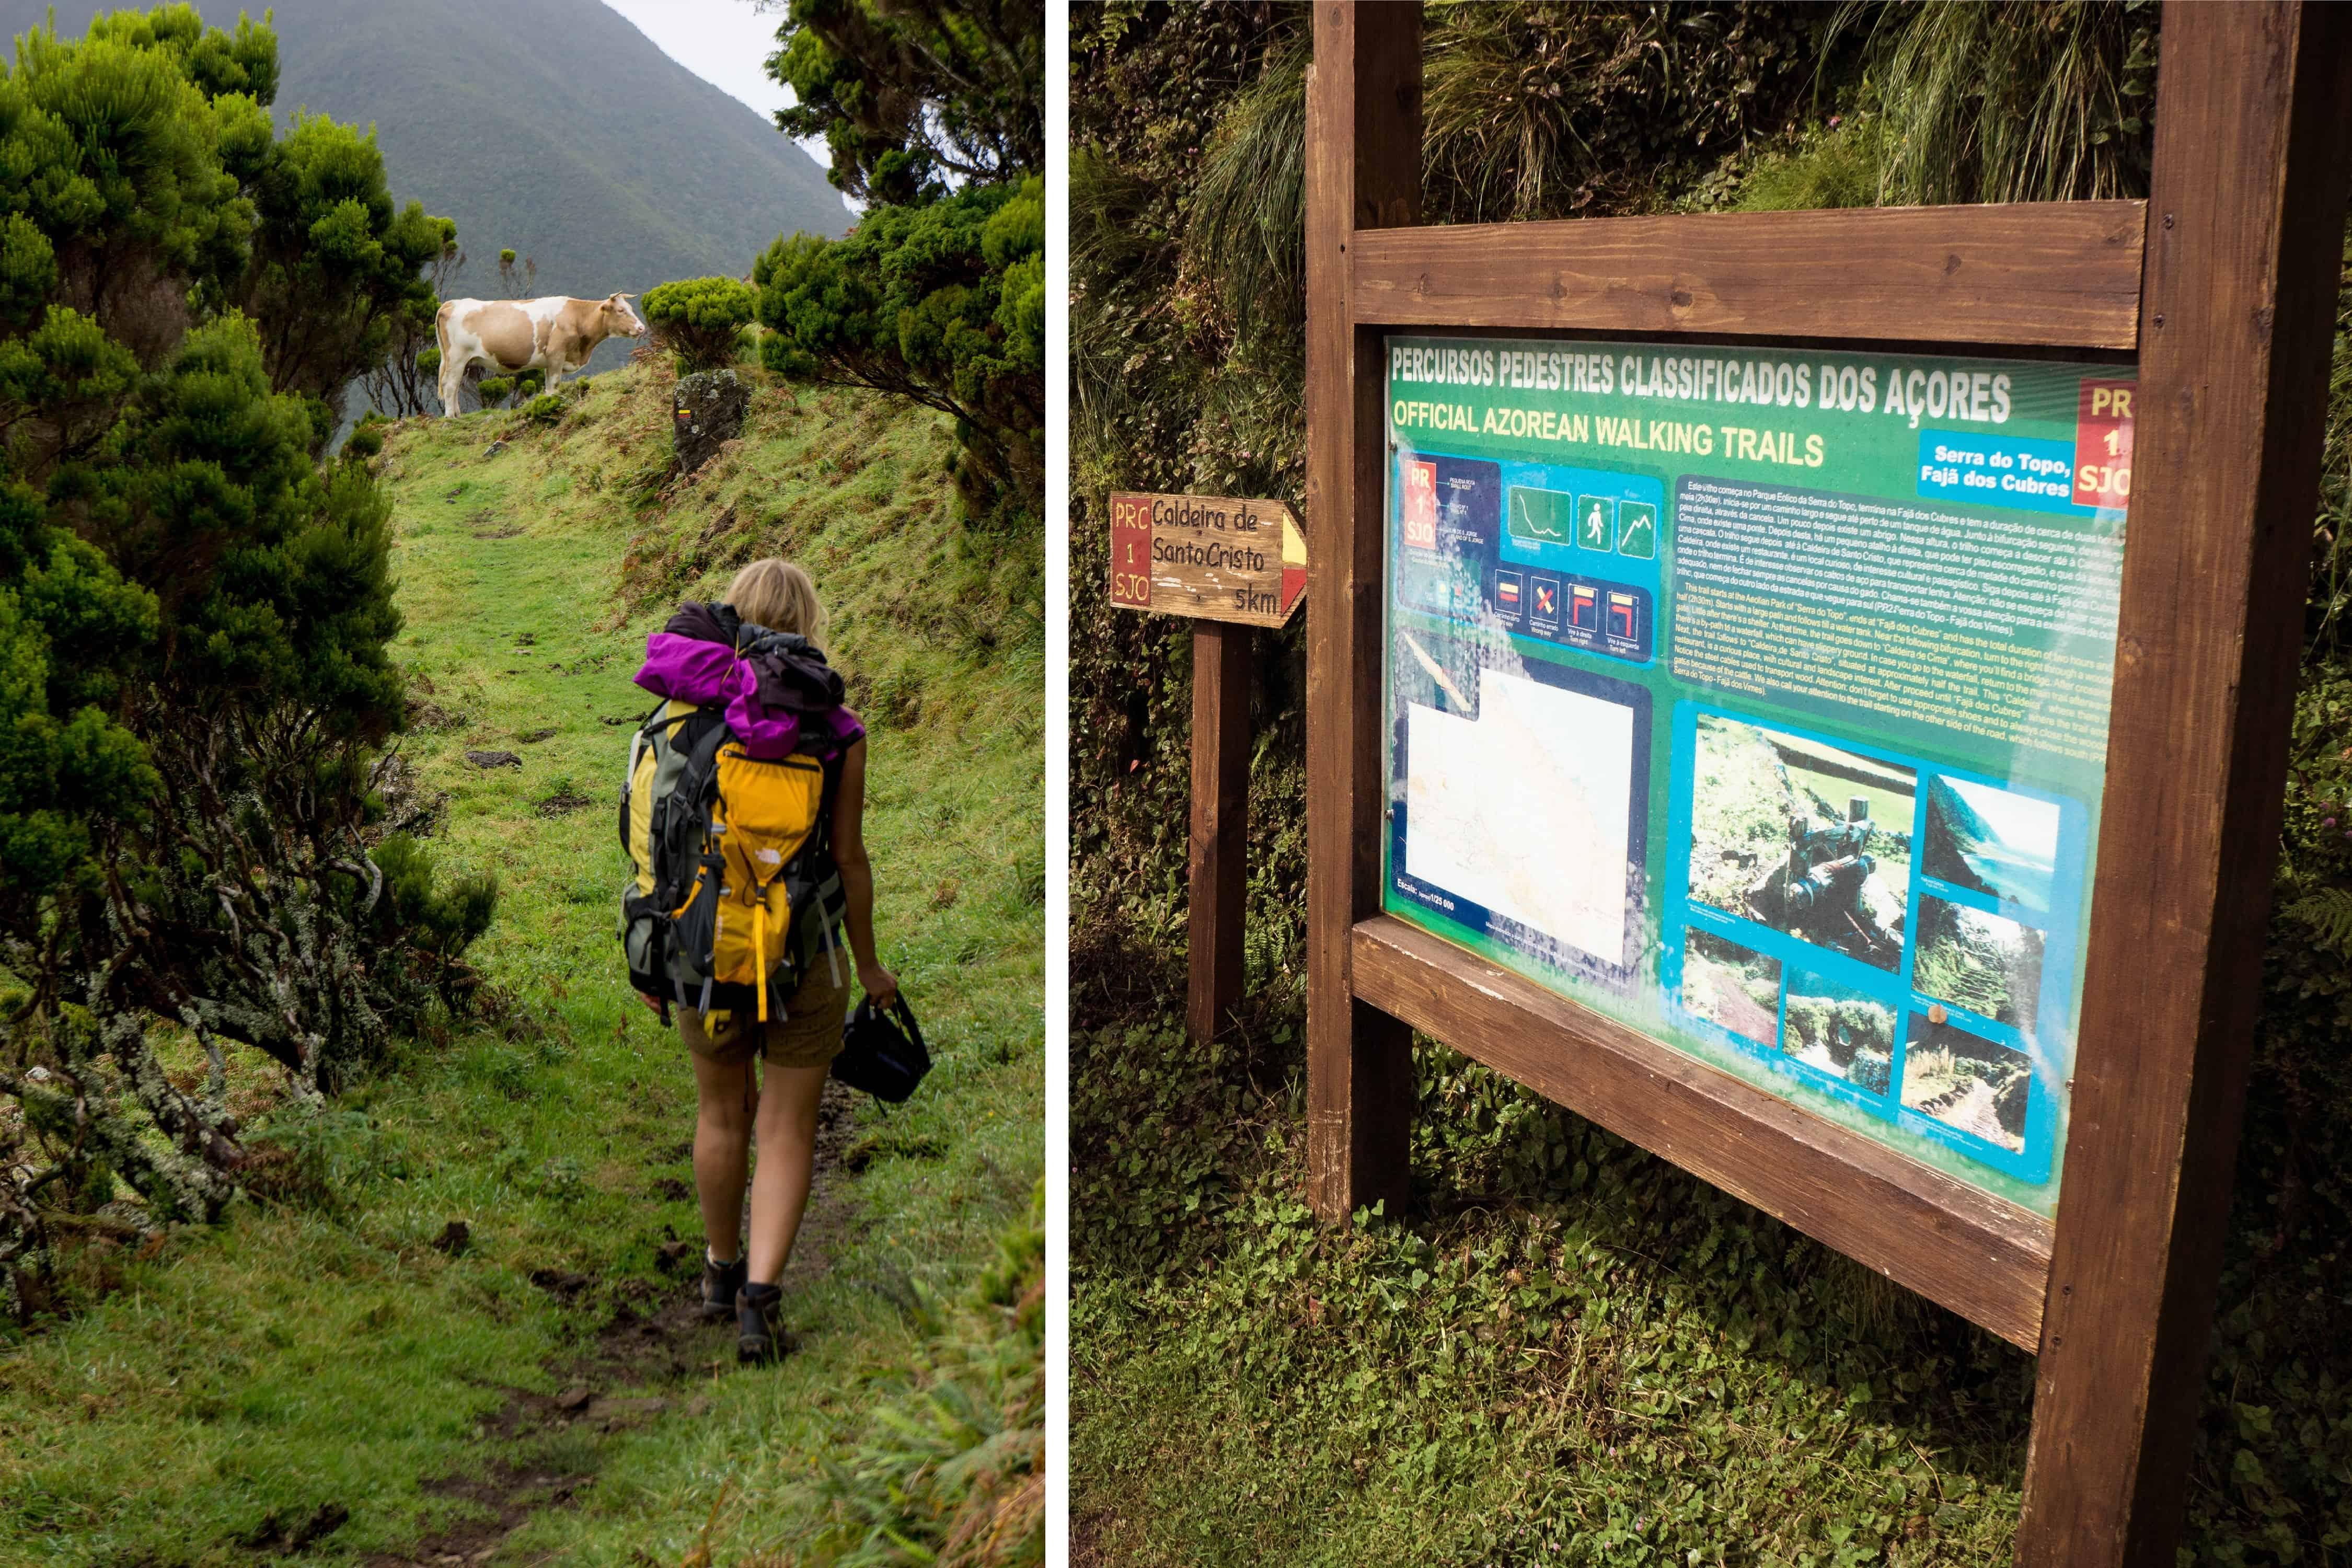 Hike naar Fajã da Caldeira de Santo Cristo